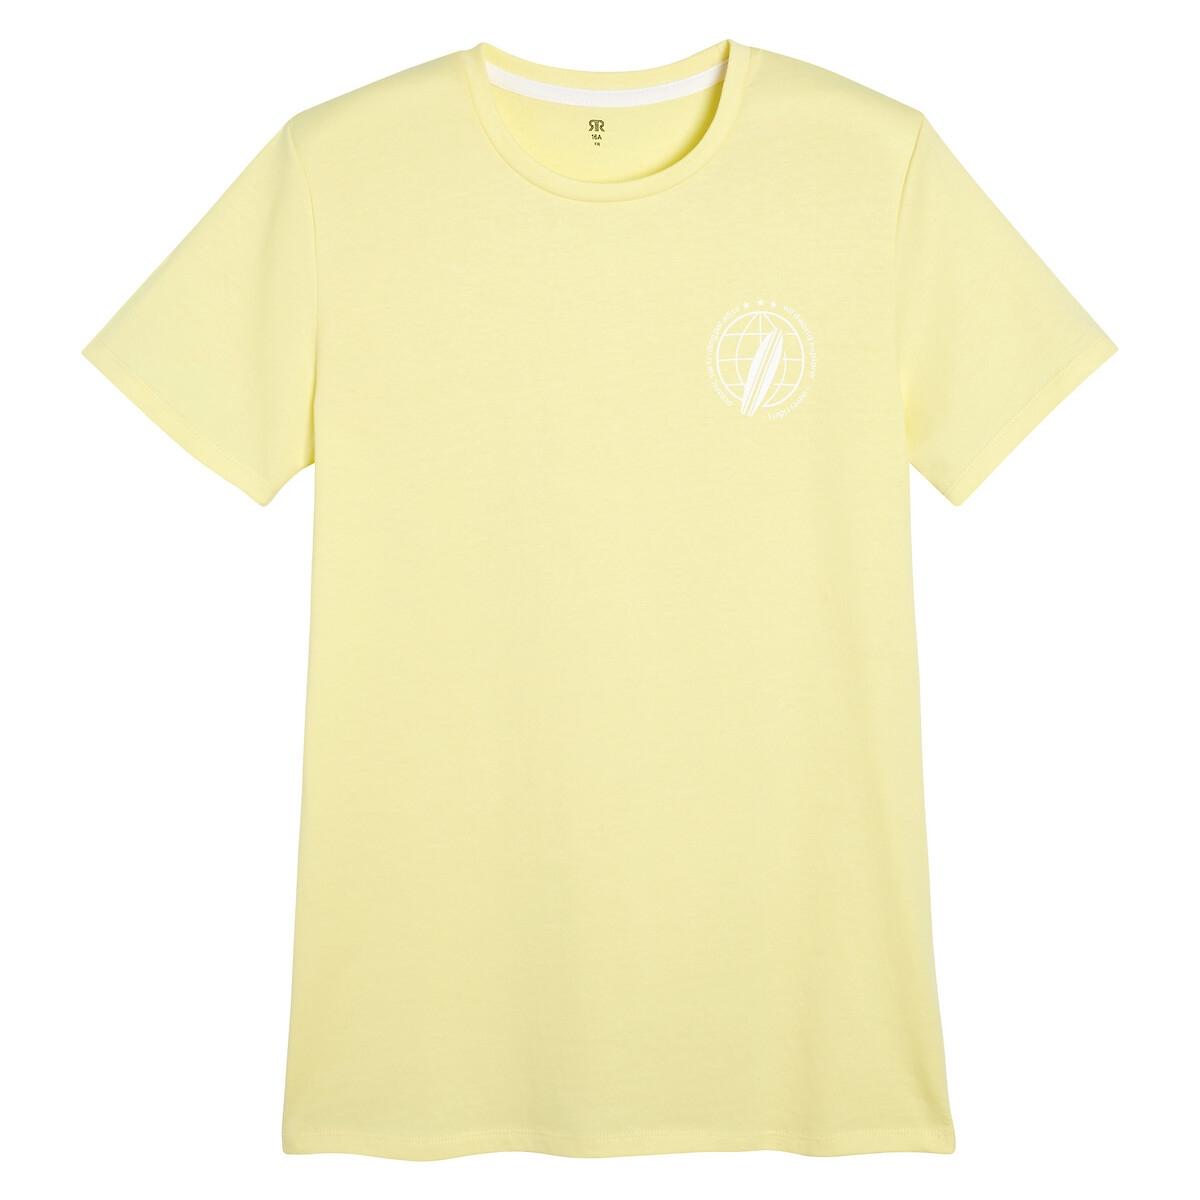 Футболка La Redoute С круглым вырезом и надписью сзади 16 лет - 174 см желтый футболка la redoute с круглым вырезом и принтом спереди 3 года 94 см серый